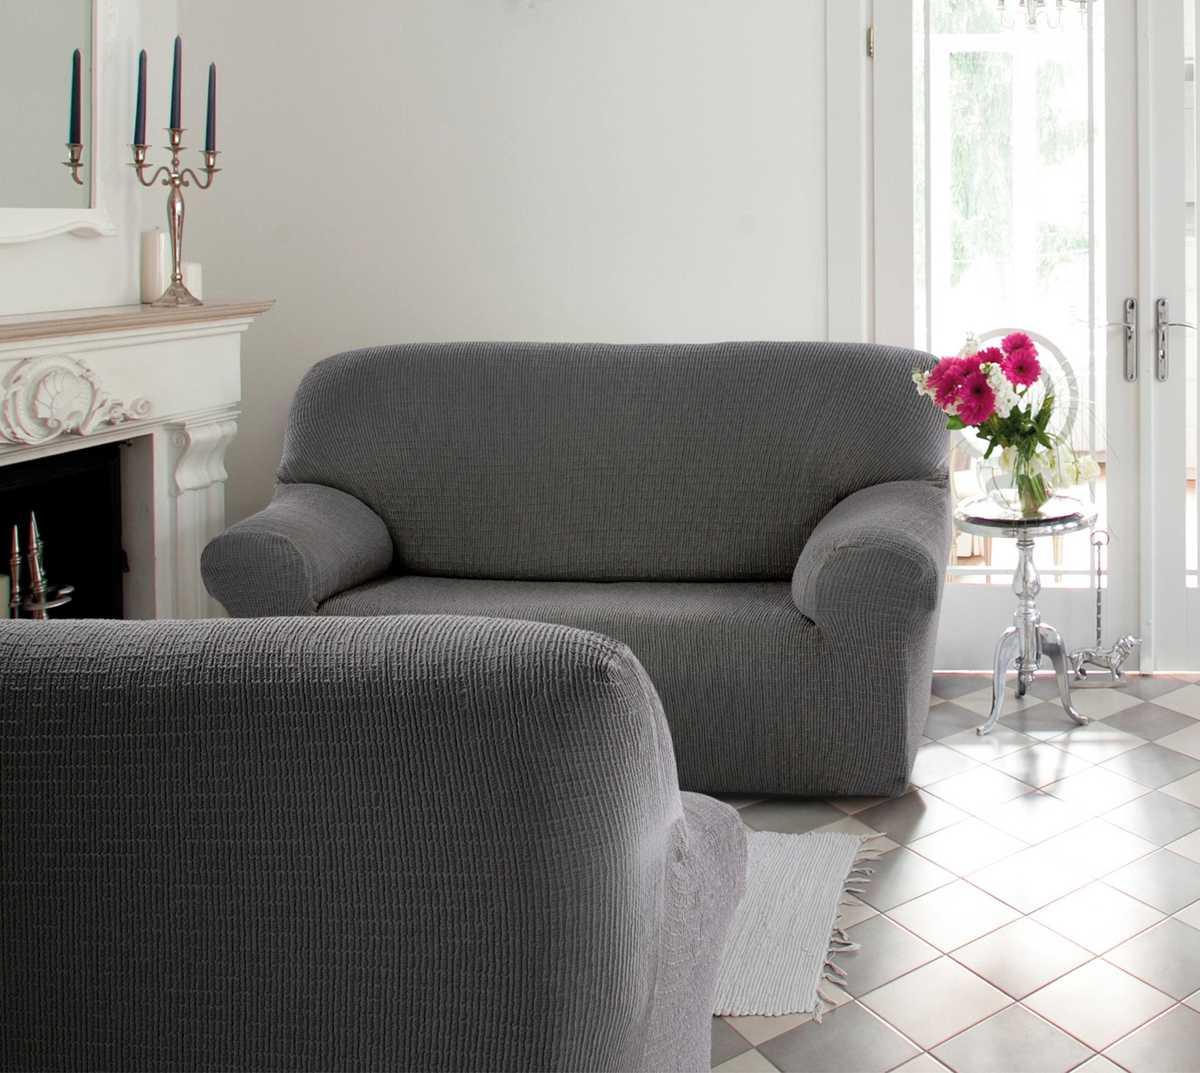 Forbyt, Potah multielastický, Cagliari, šedý dvojkřeslo 140 x 180 cm